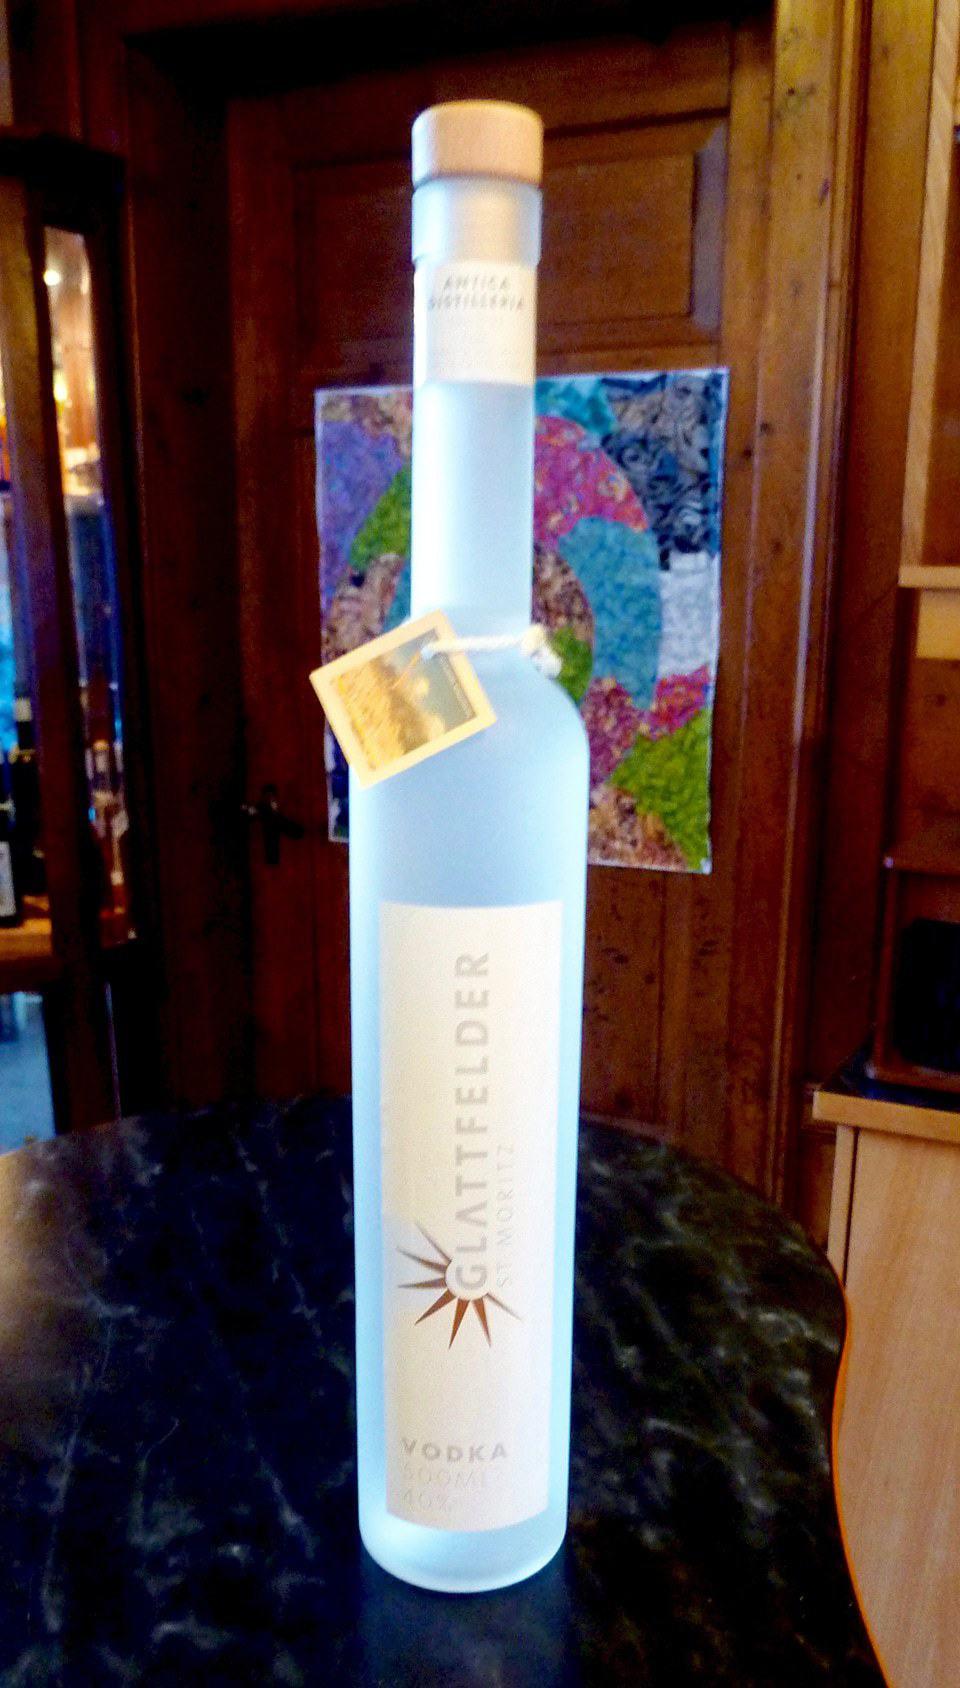 Glattfelder vodka, Beretta distillery, Tschierv, Switzerland